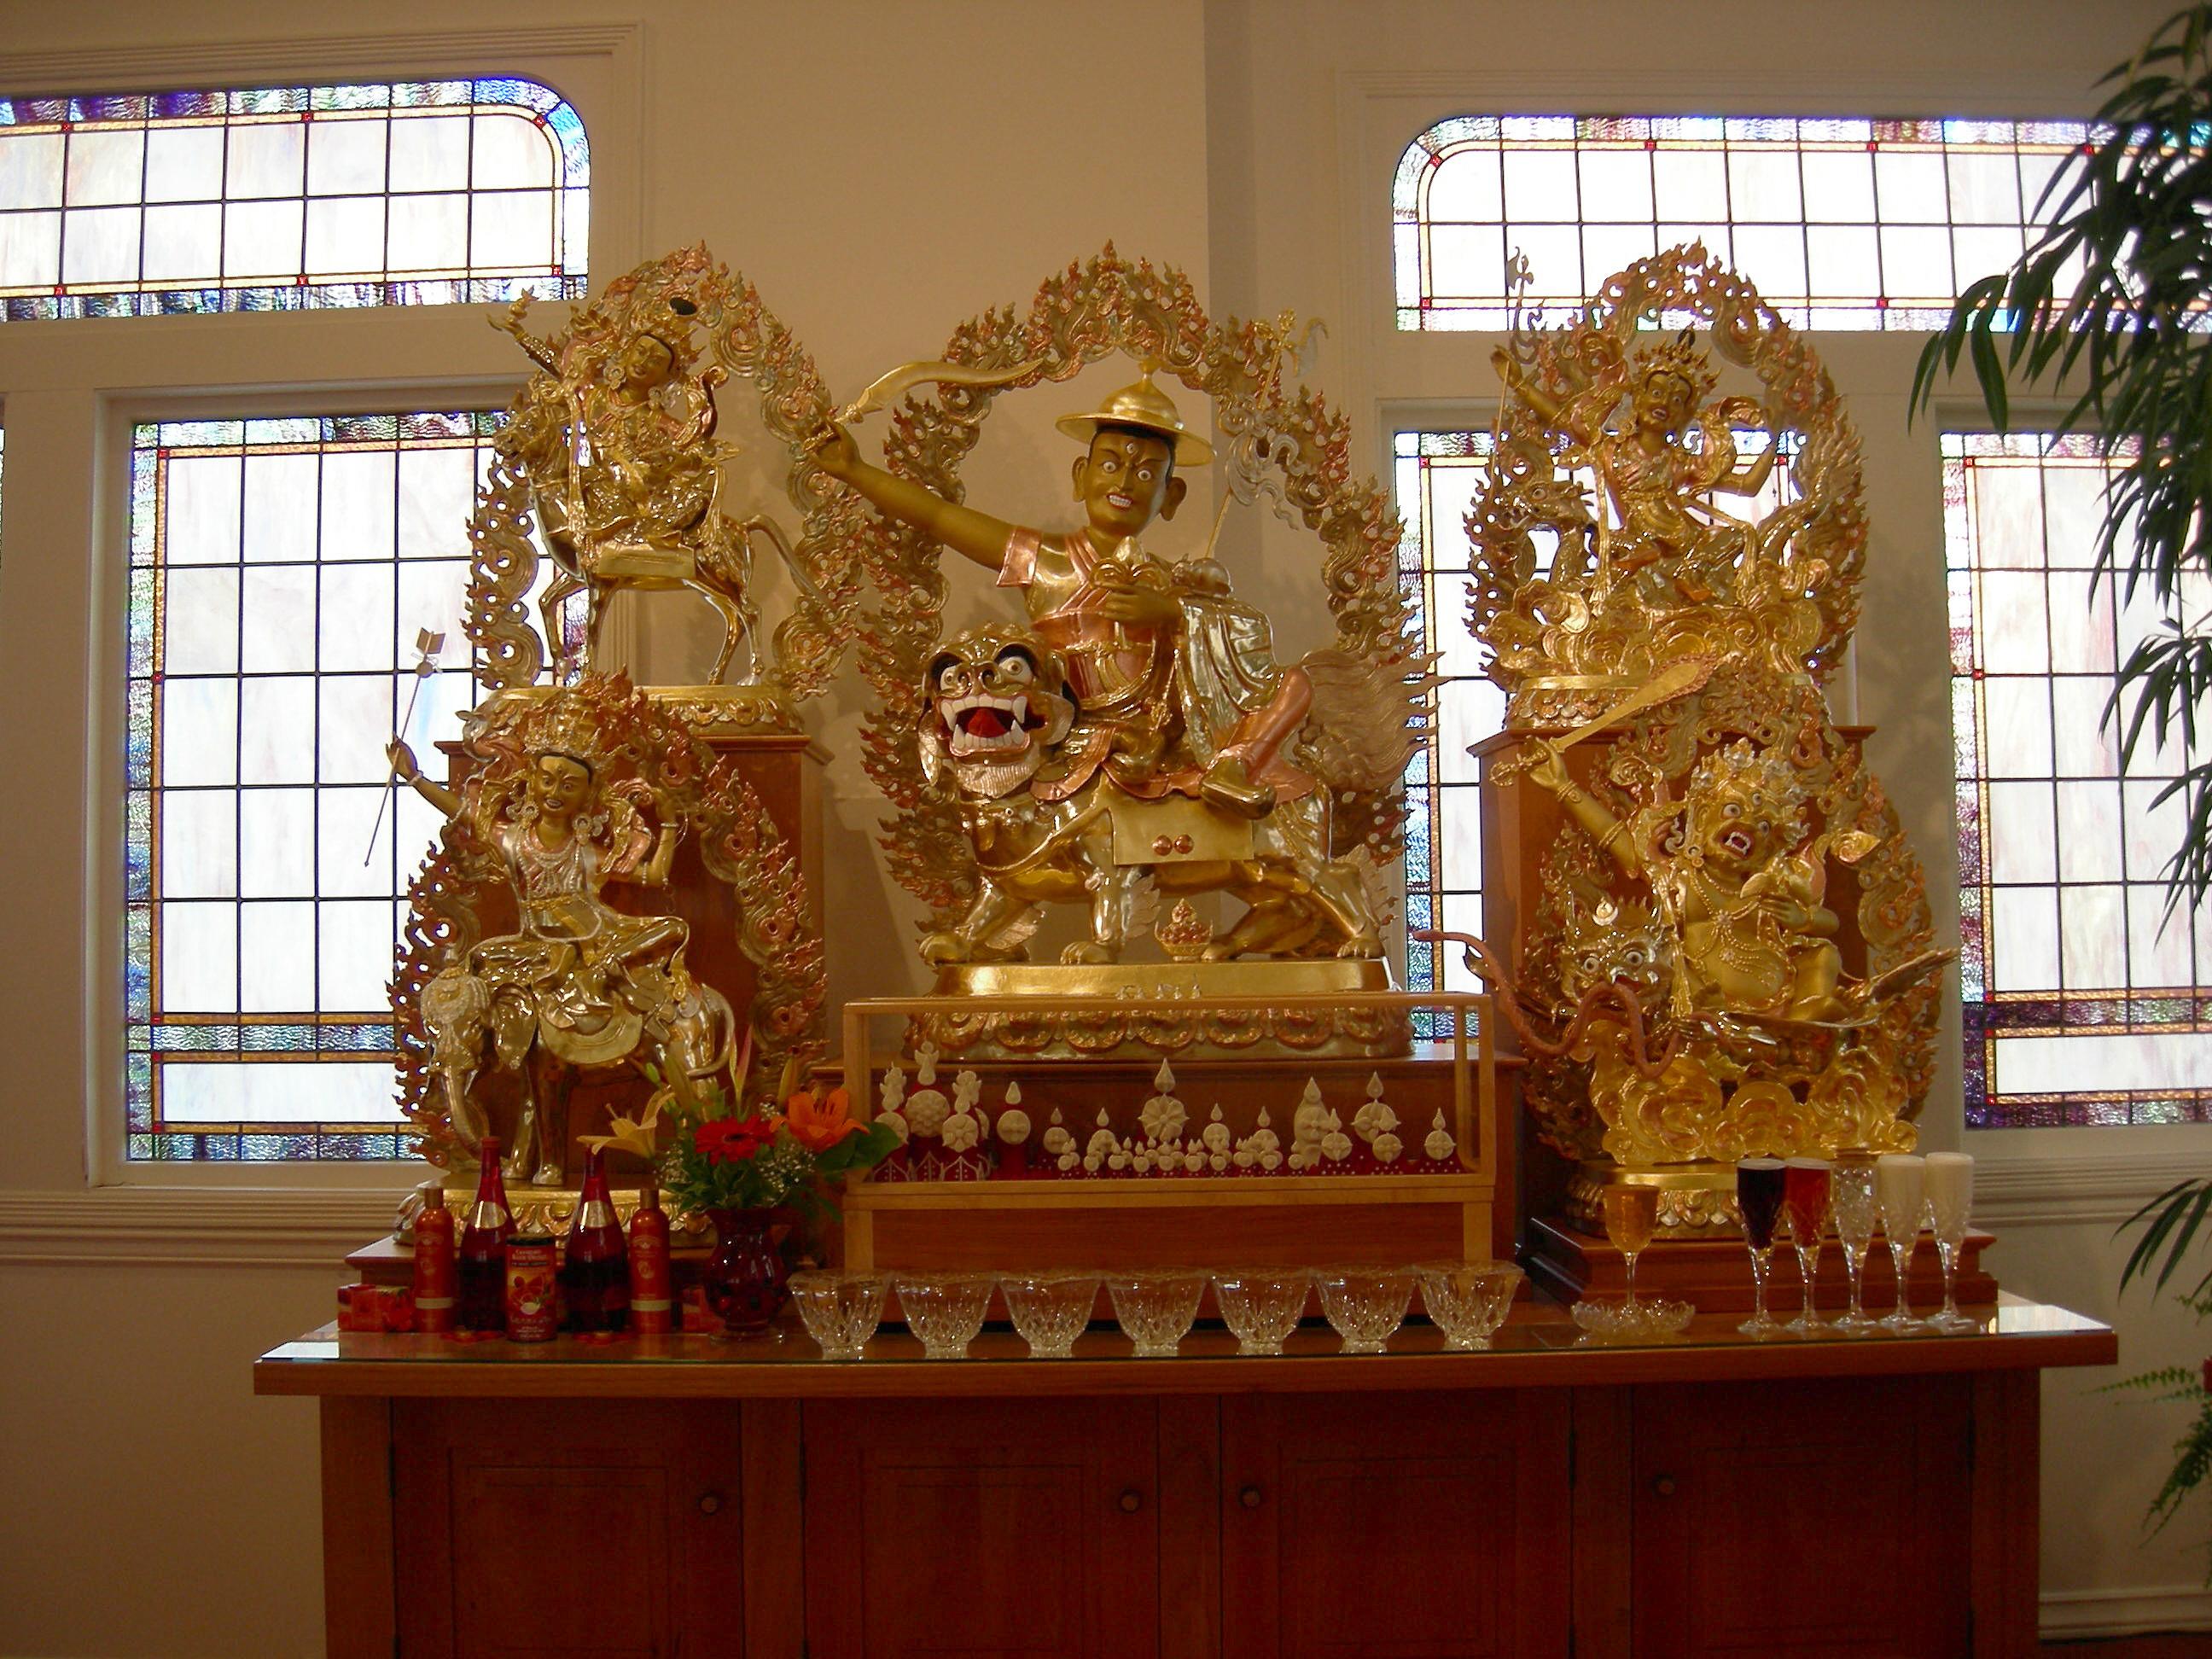 Shugden Statue Statue of Dorje Shugden